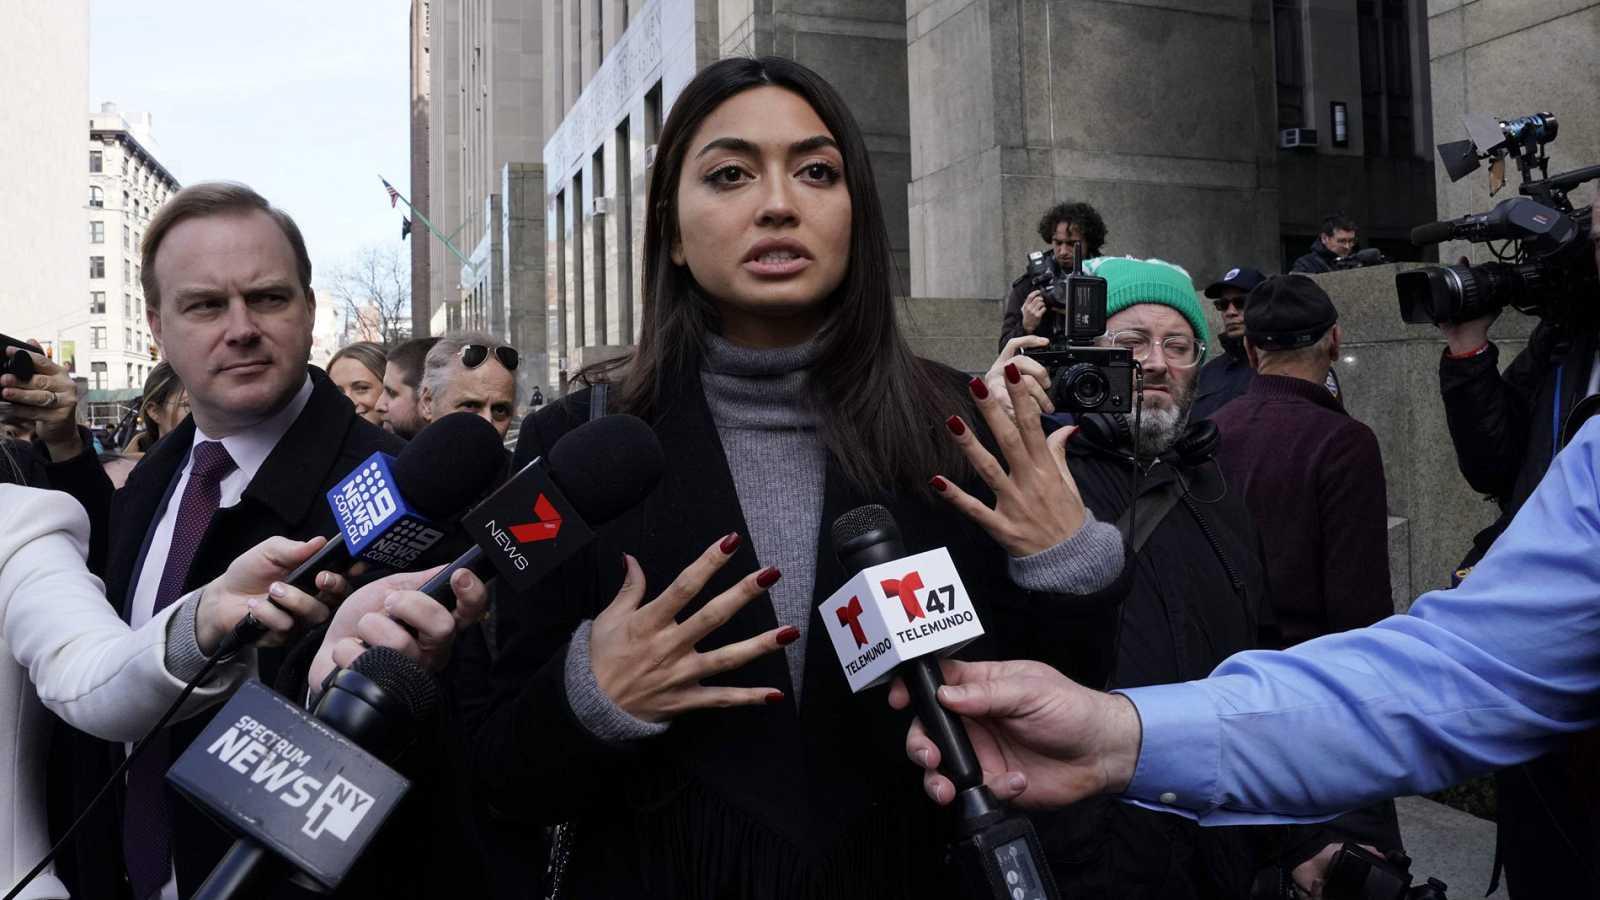 La modelo filipina-italiana Ambra Battilana Gutierrez, una de las mujeres que acusó a Weinstein por abusos